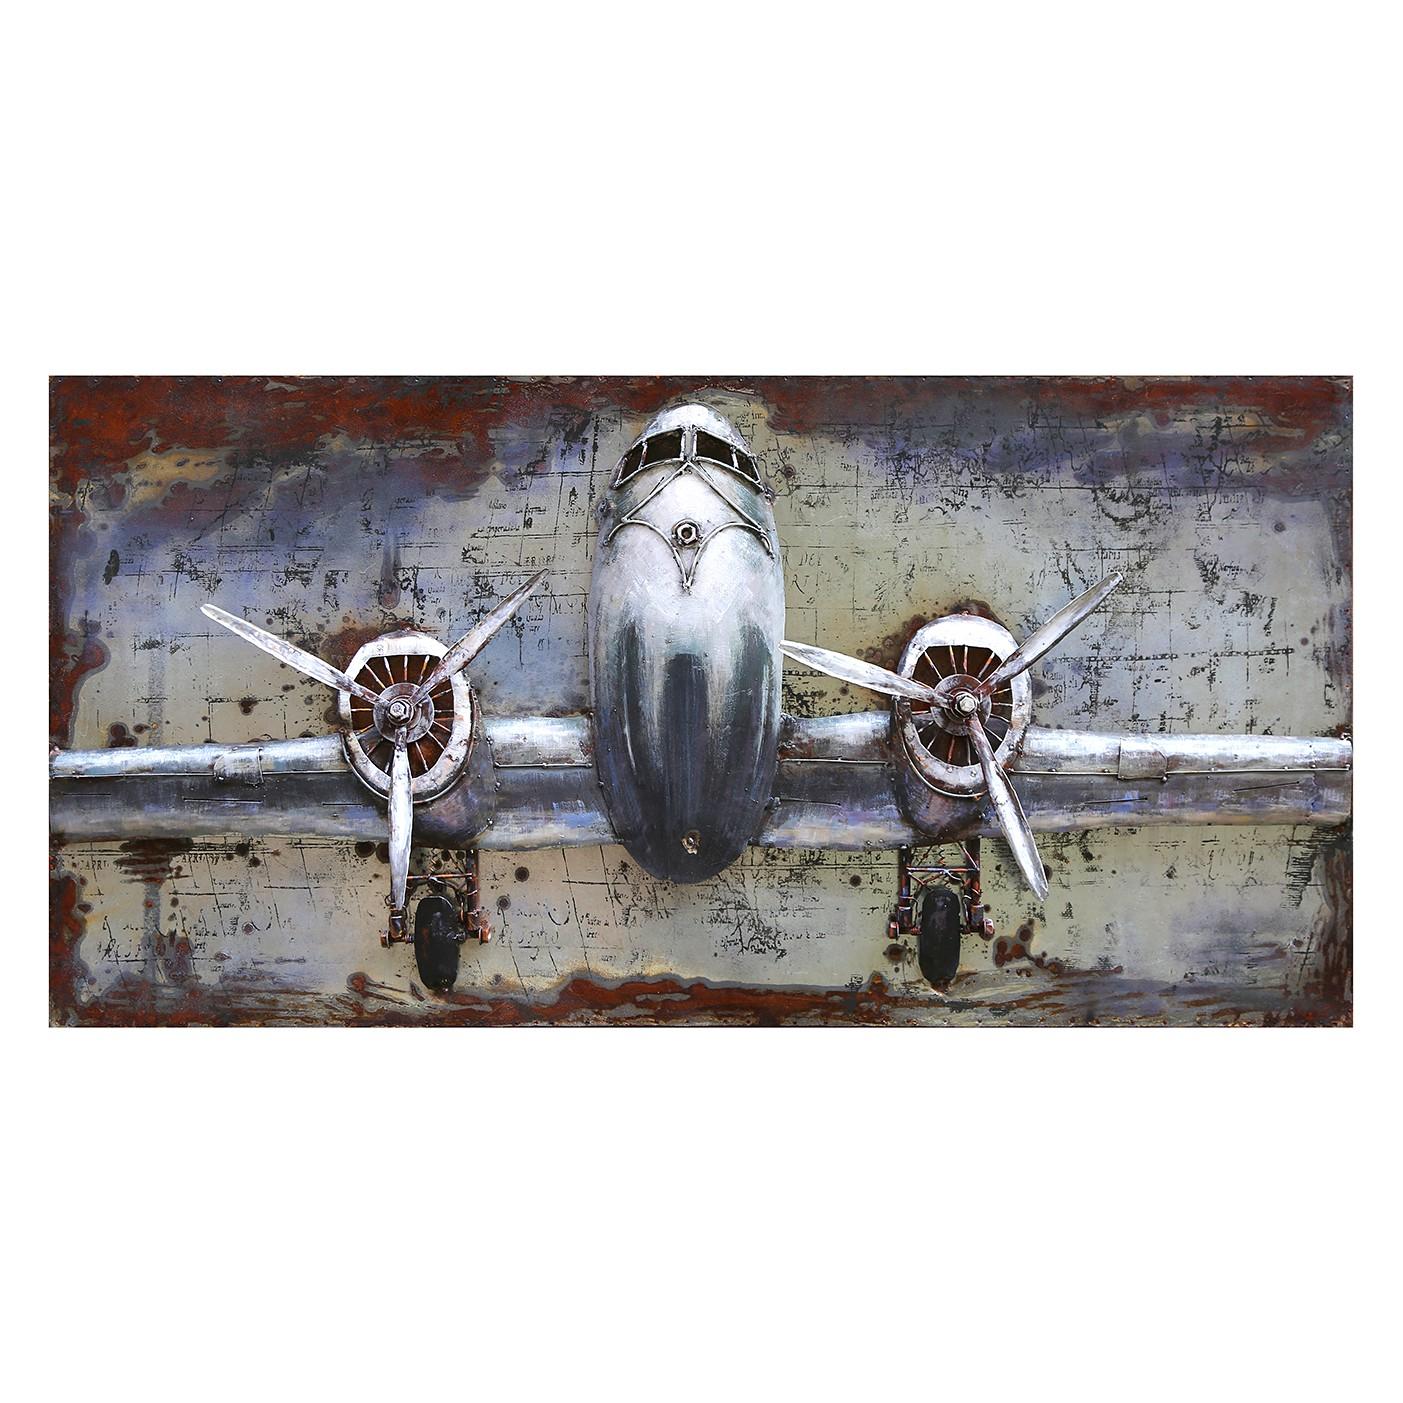 Bild Flugzeug, twentyfour